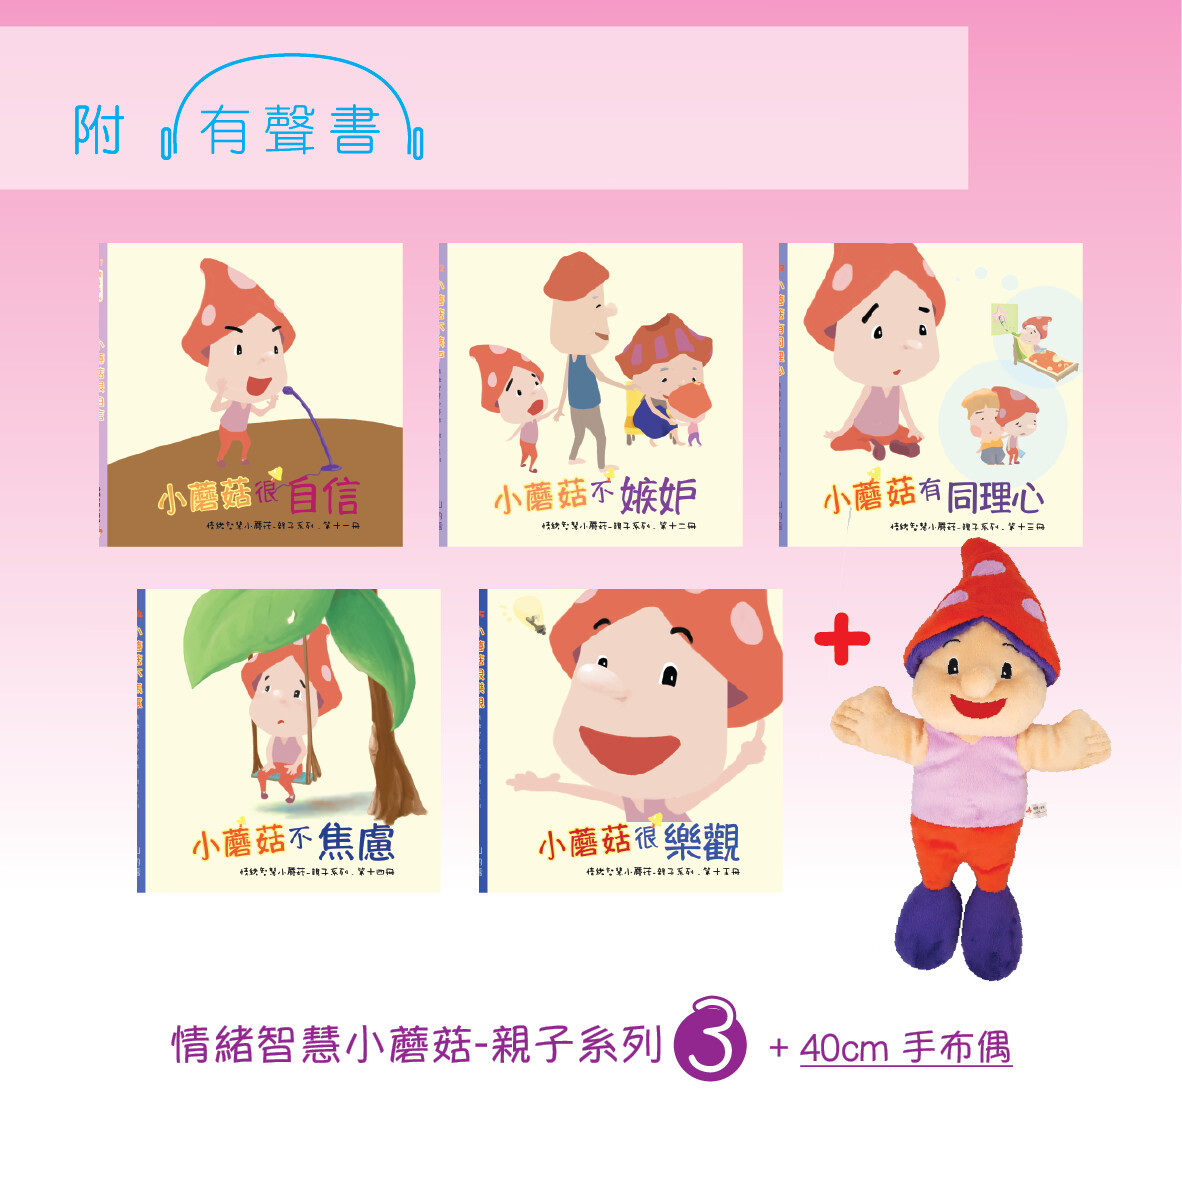 《情緒智慧小蘑菇 - 親子系列》, 系列三 (5本書)+ 40cm 手布偶 1個